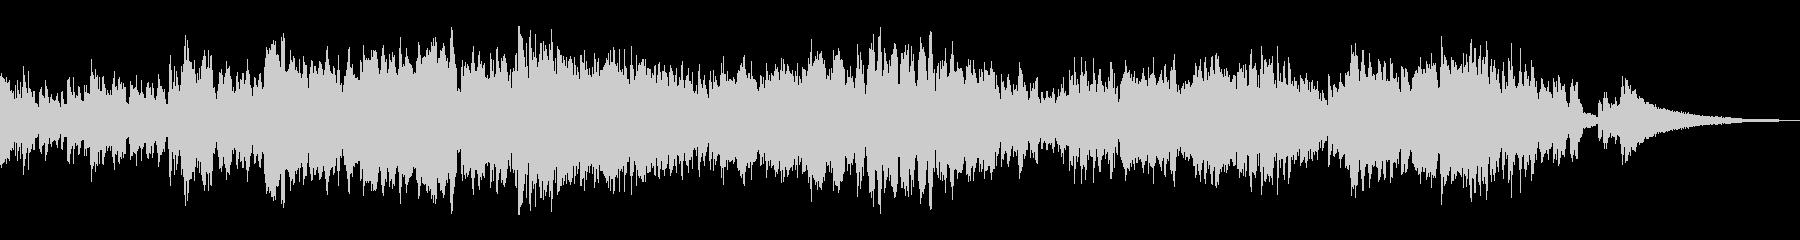 楽しいボサノバの未再生の波形